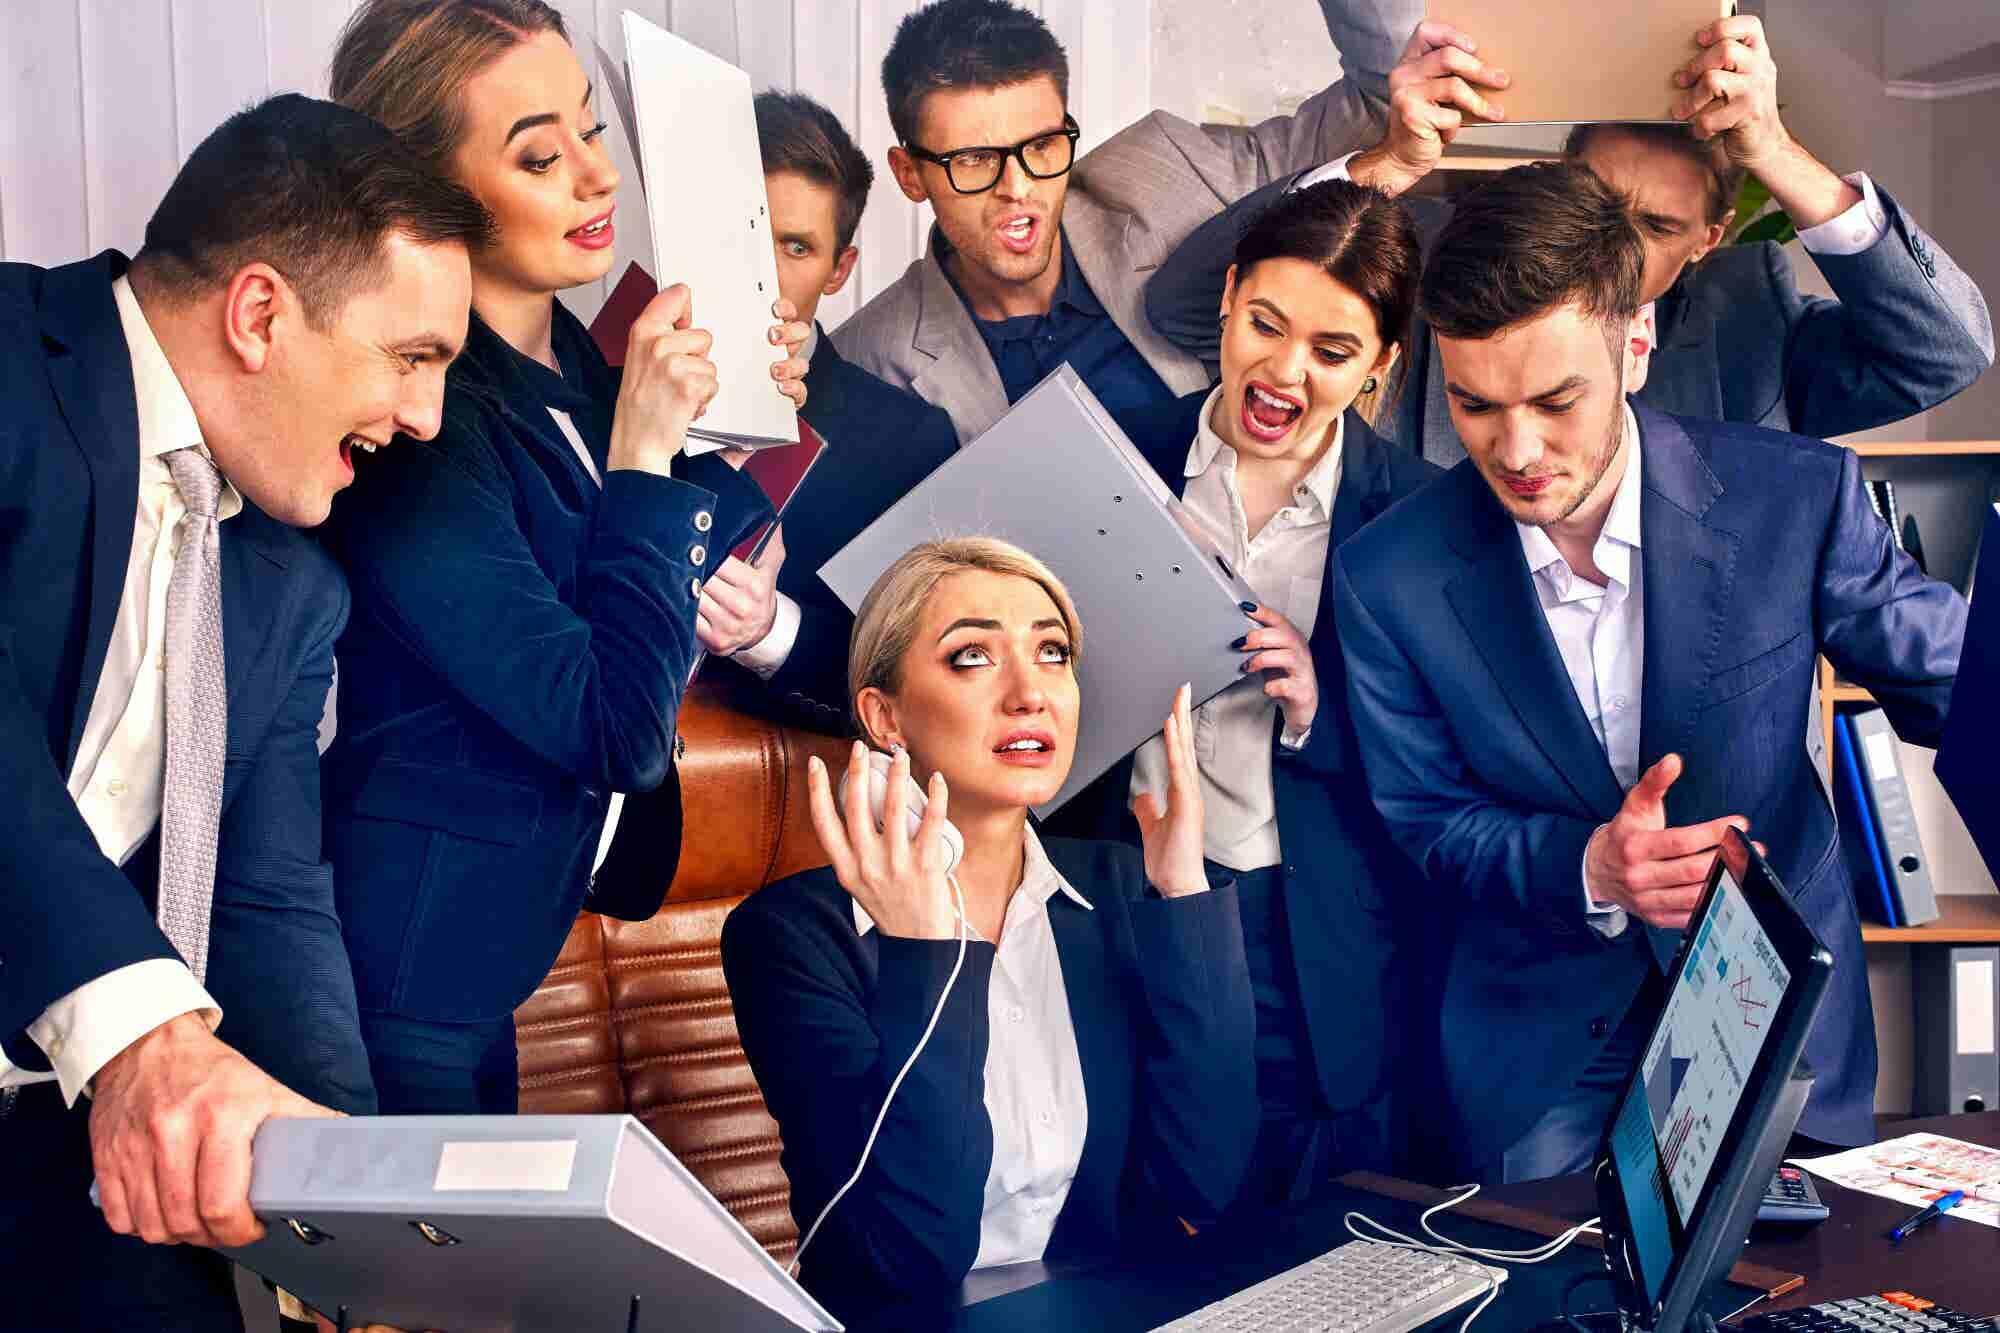 Por qué necesitas inteligencia emocional en tu empresa